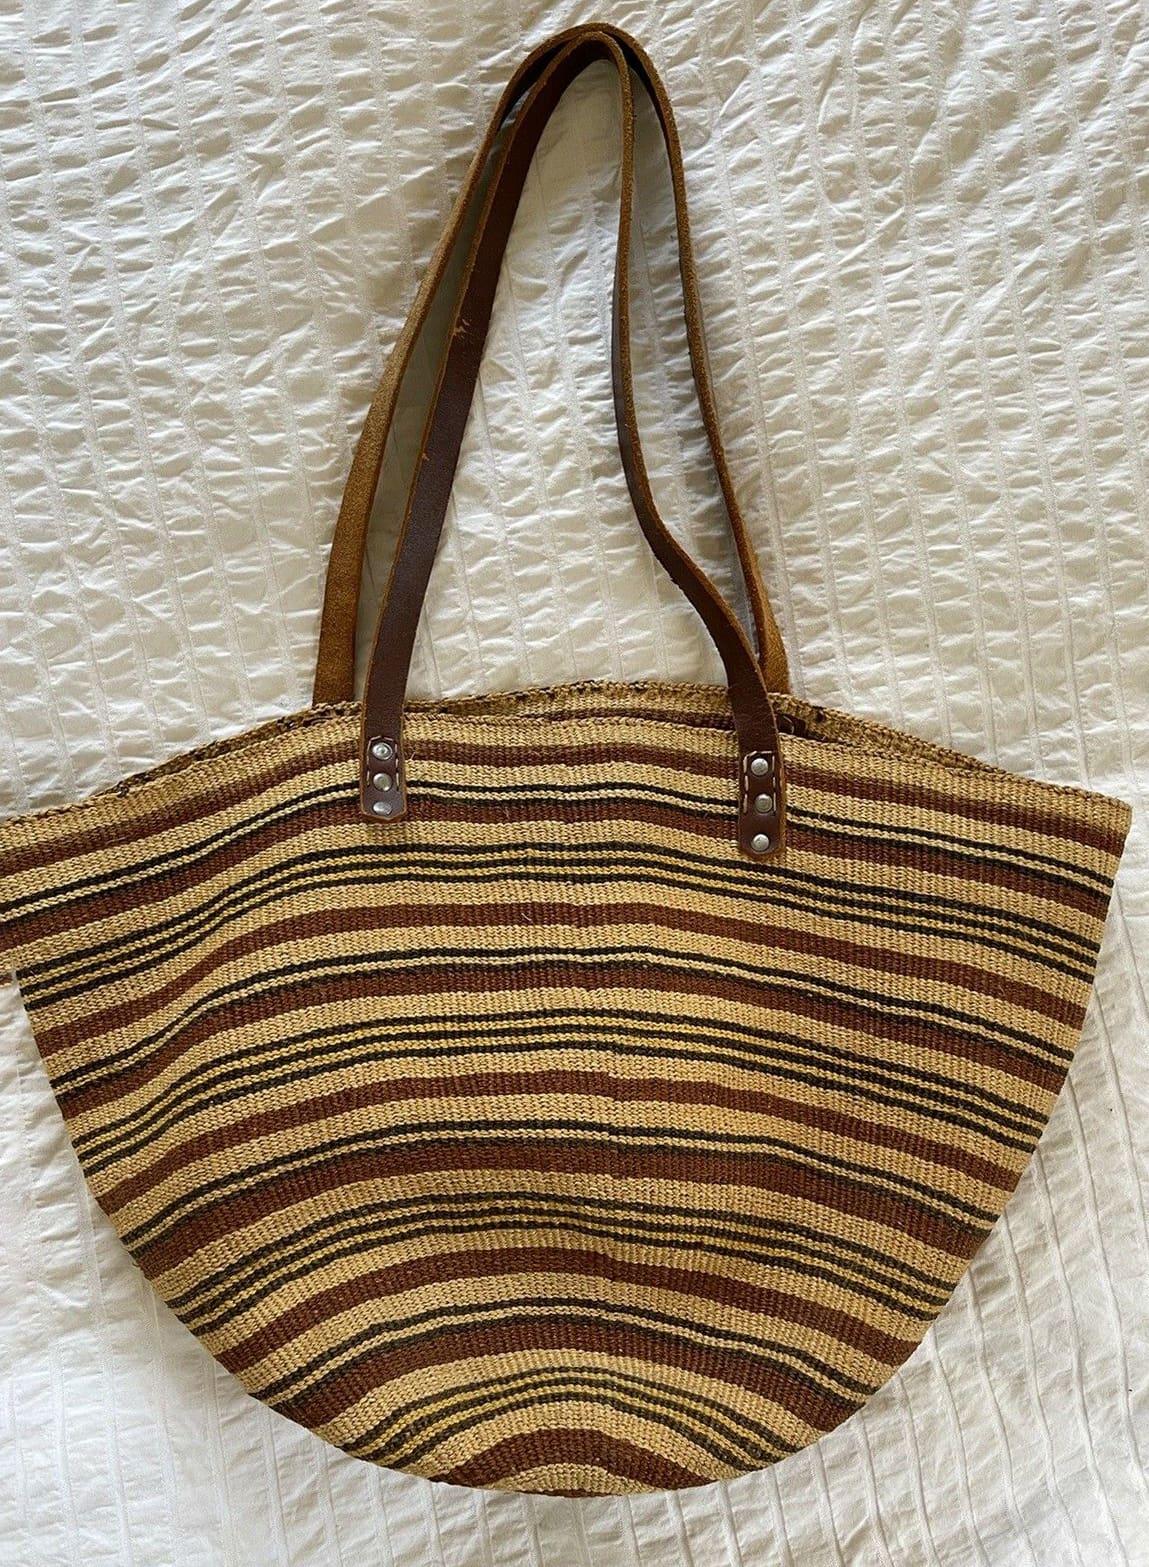 Vintage Market Bag Sissal Straw Bag Leather